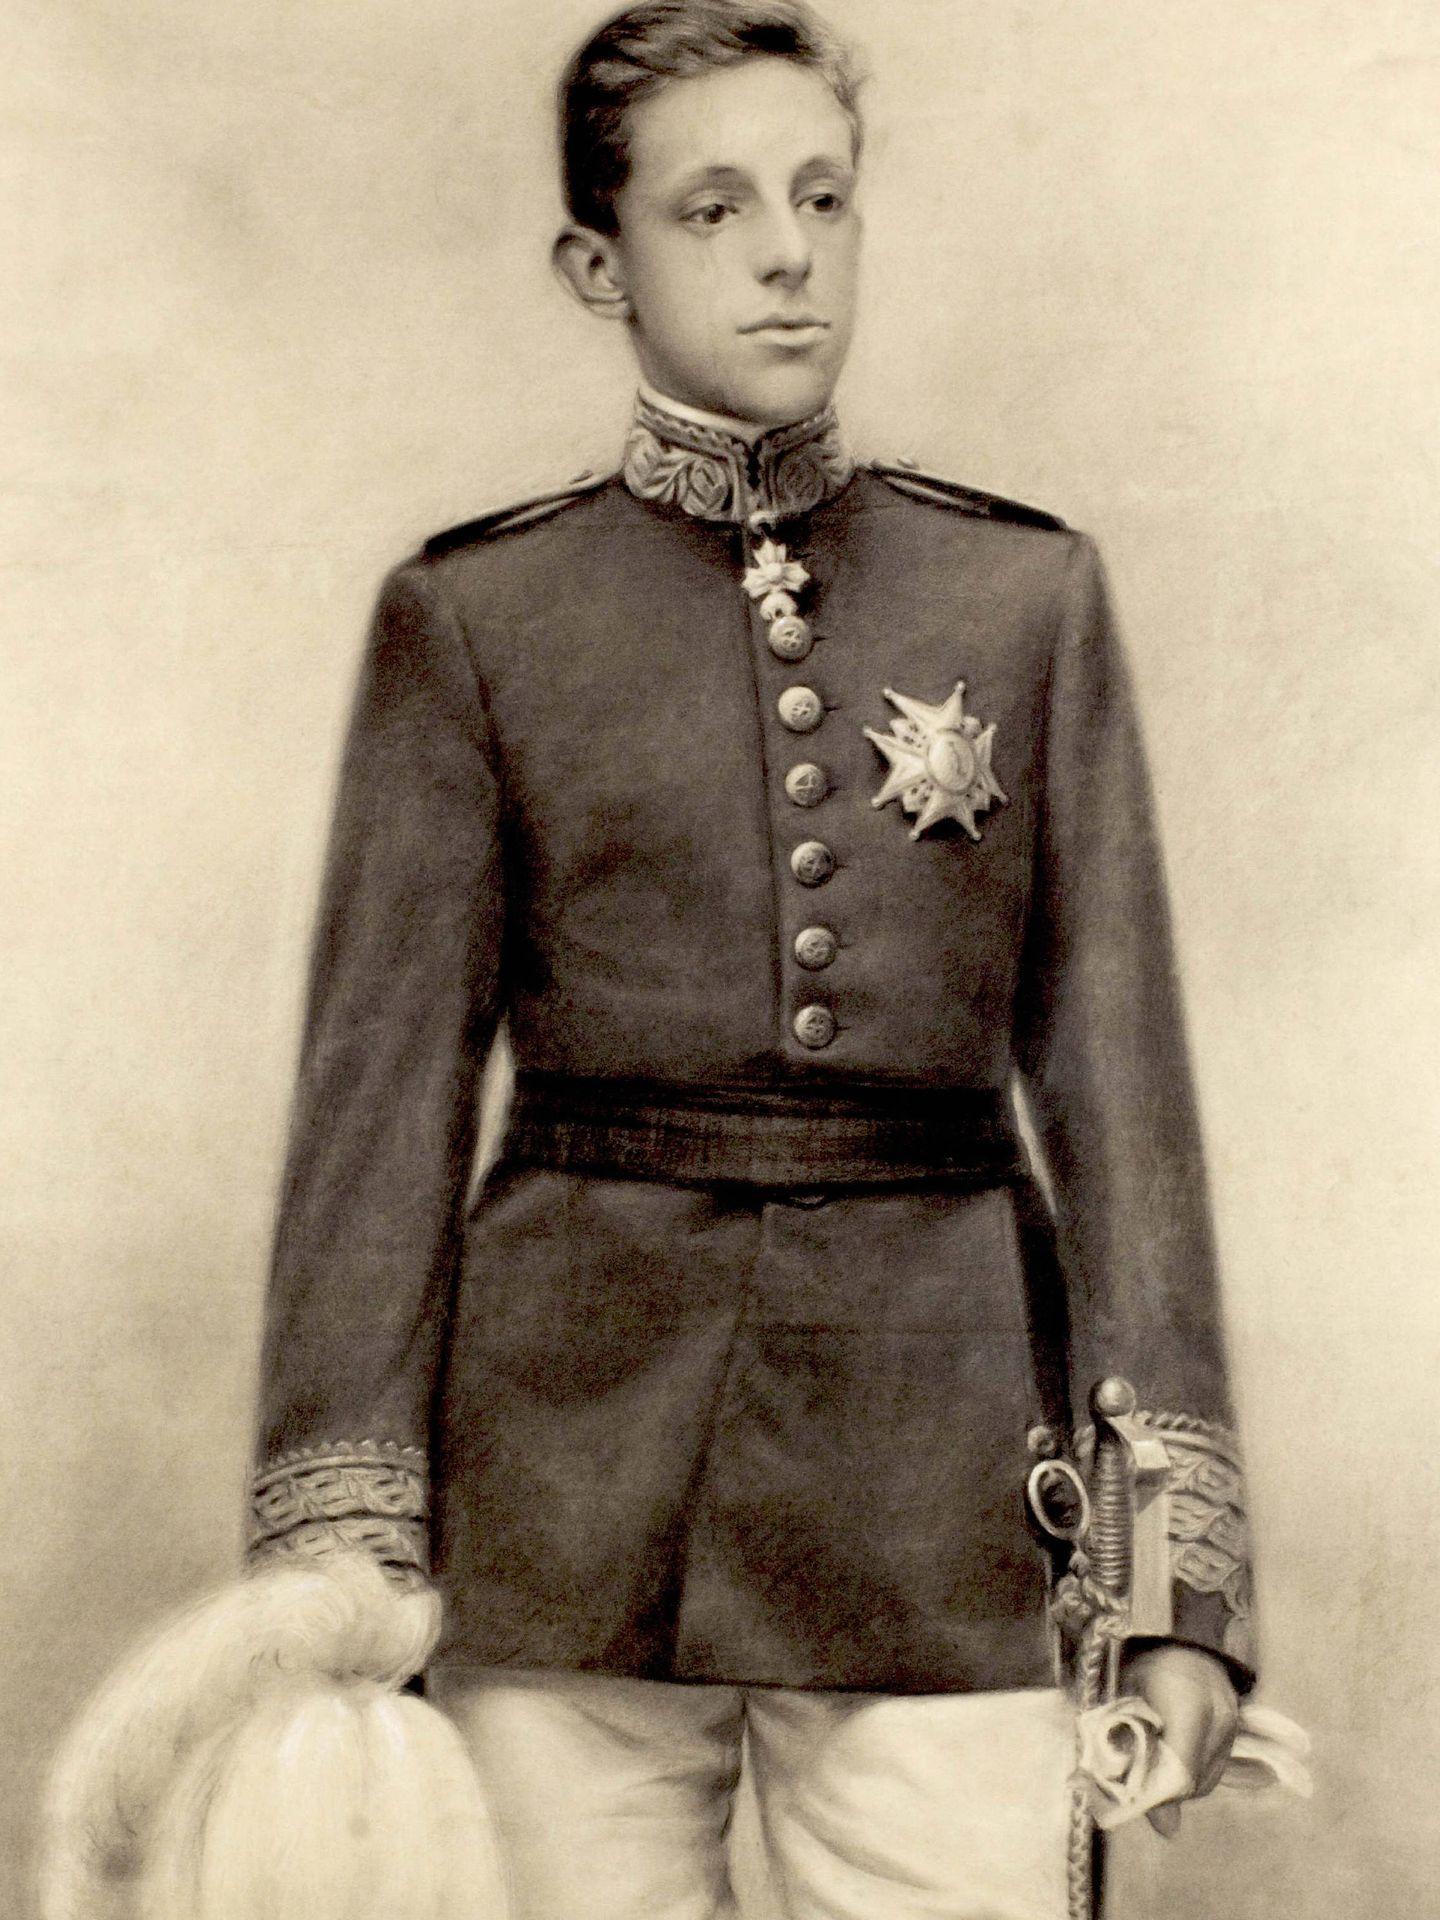 Retrato al carboncillo y tiza de Alfonso XIII de niño, obra de J. Gimeno. (EFE)